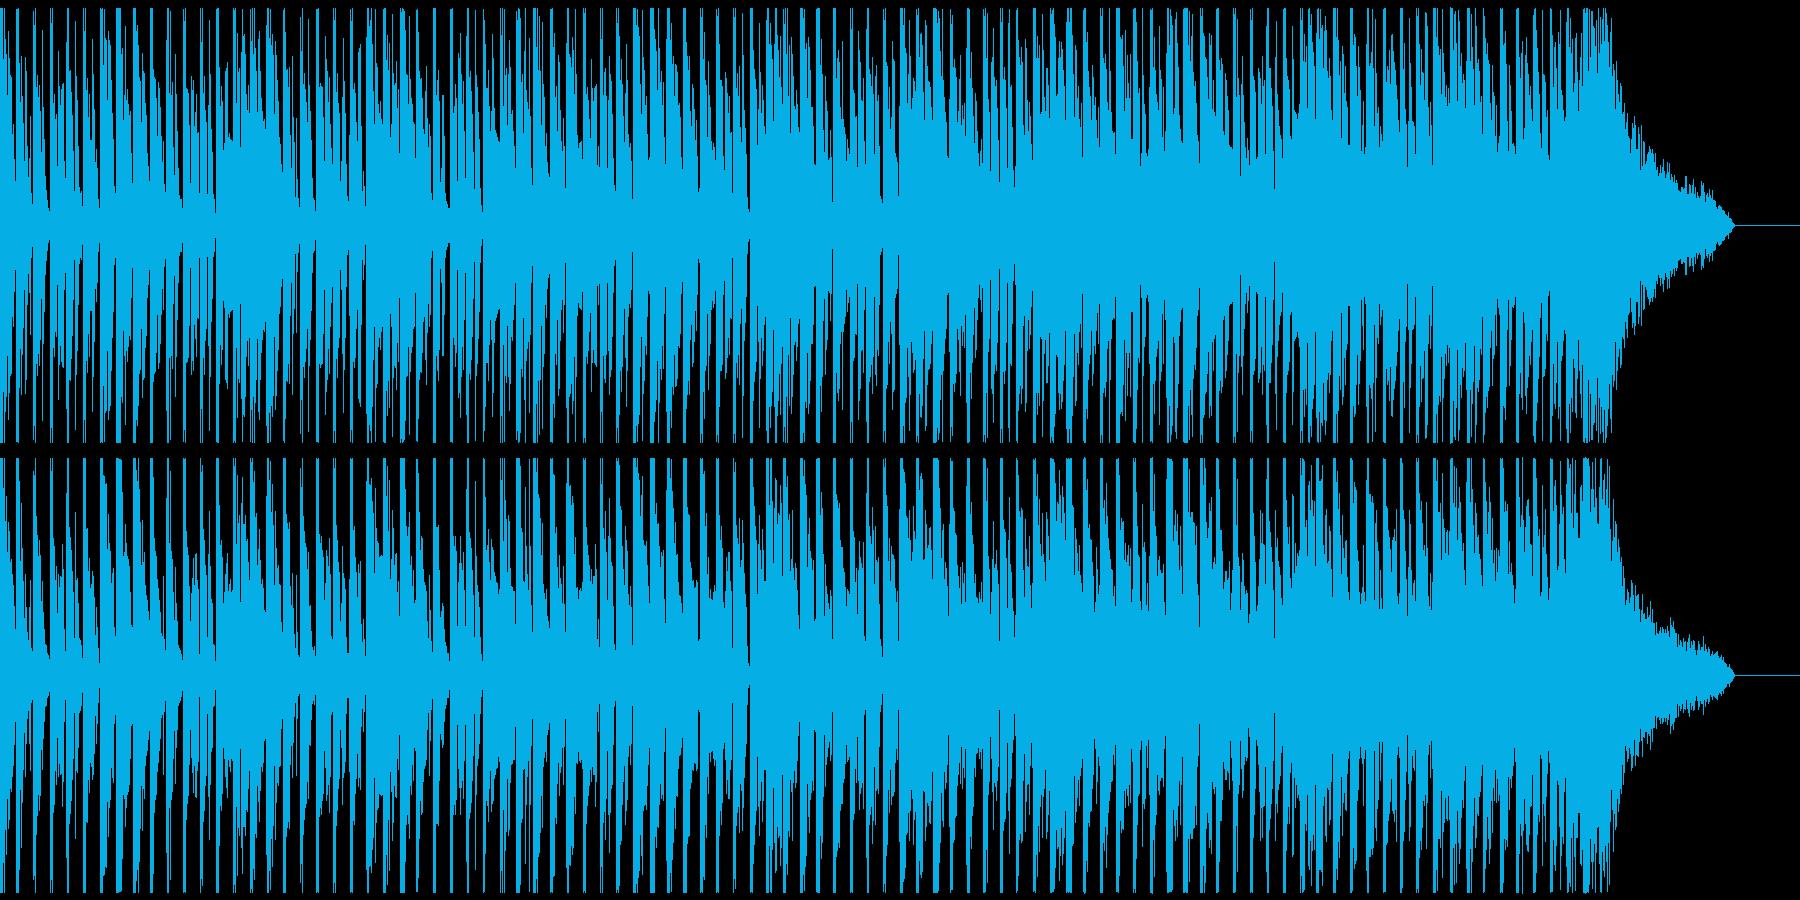 4つ打ちビートに都会的クールなサウンドの再生済みの波形